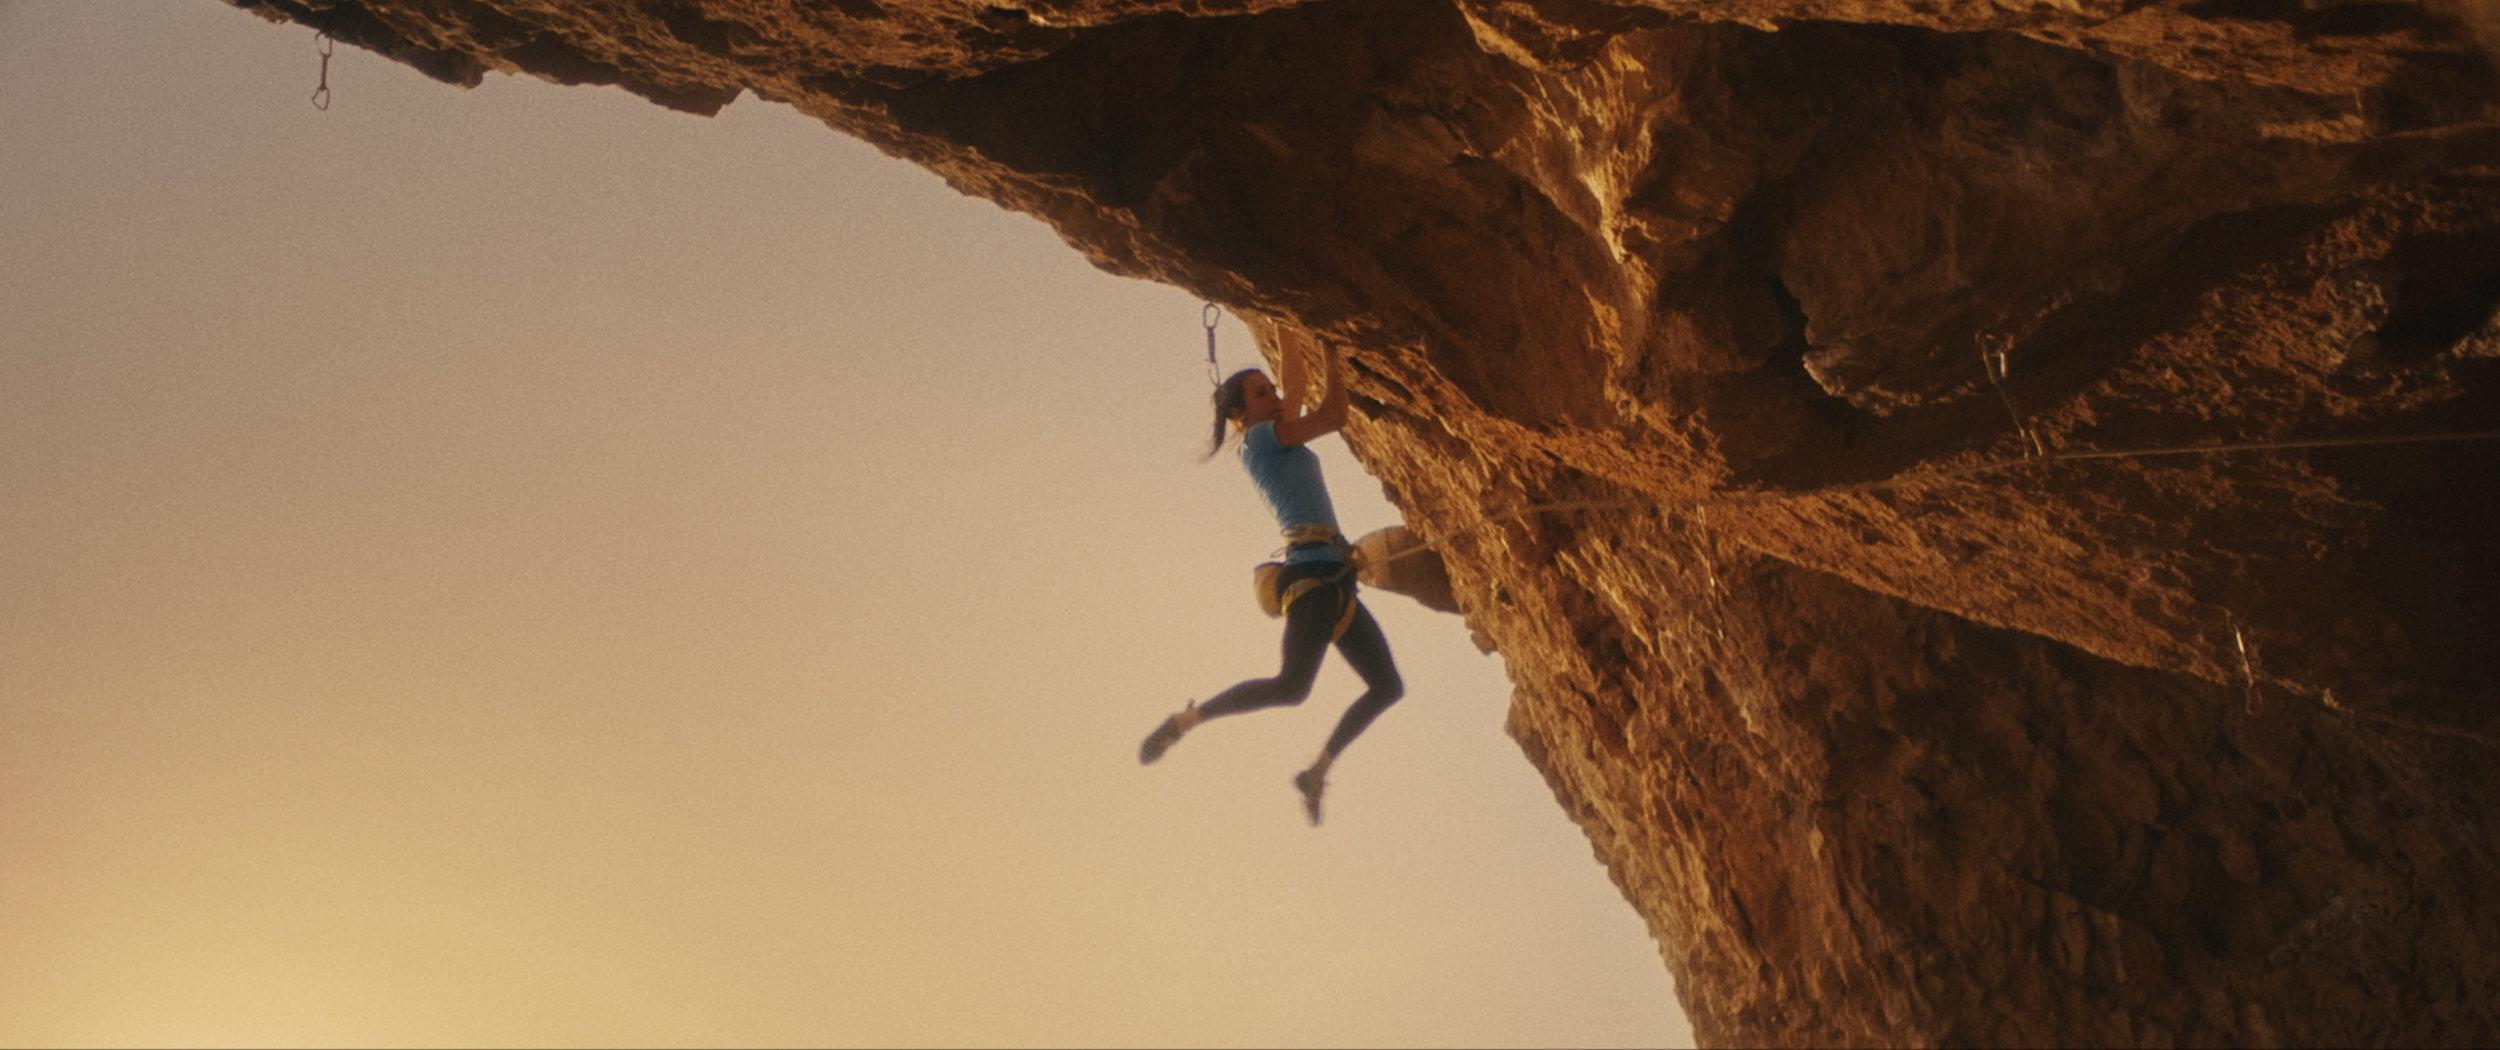 Why I climb - VAILLANT CAMPAIGN